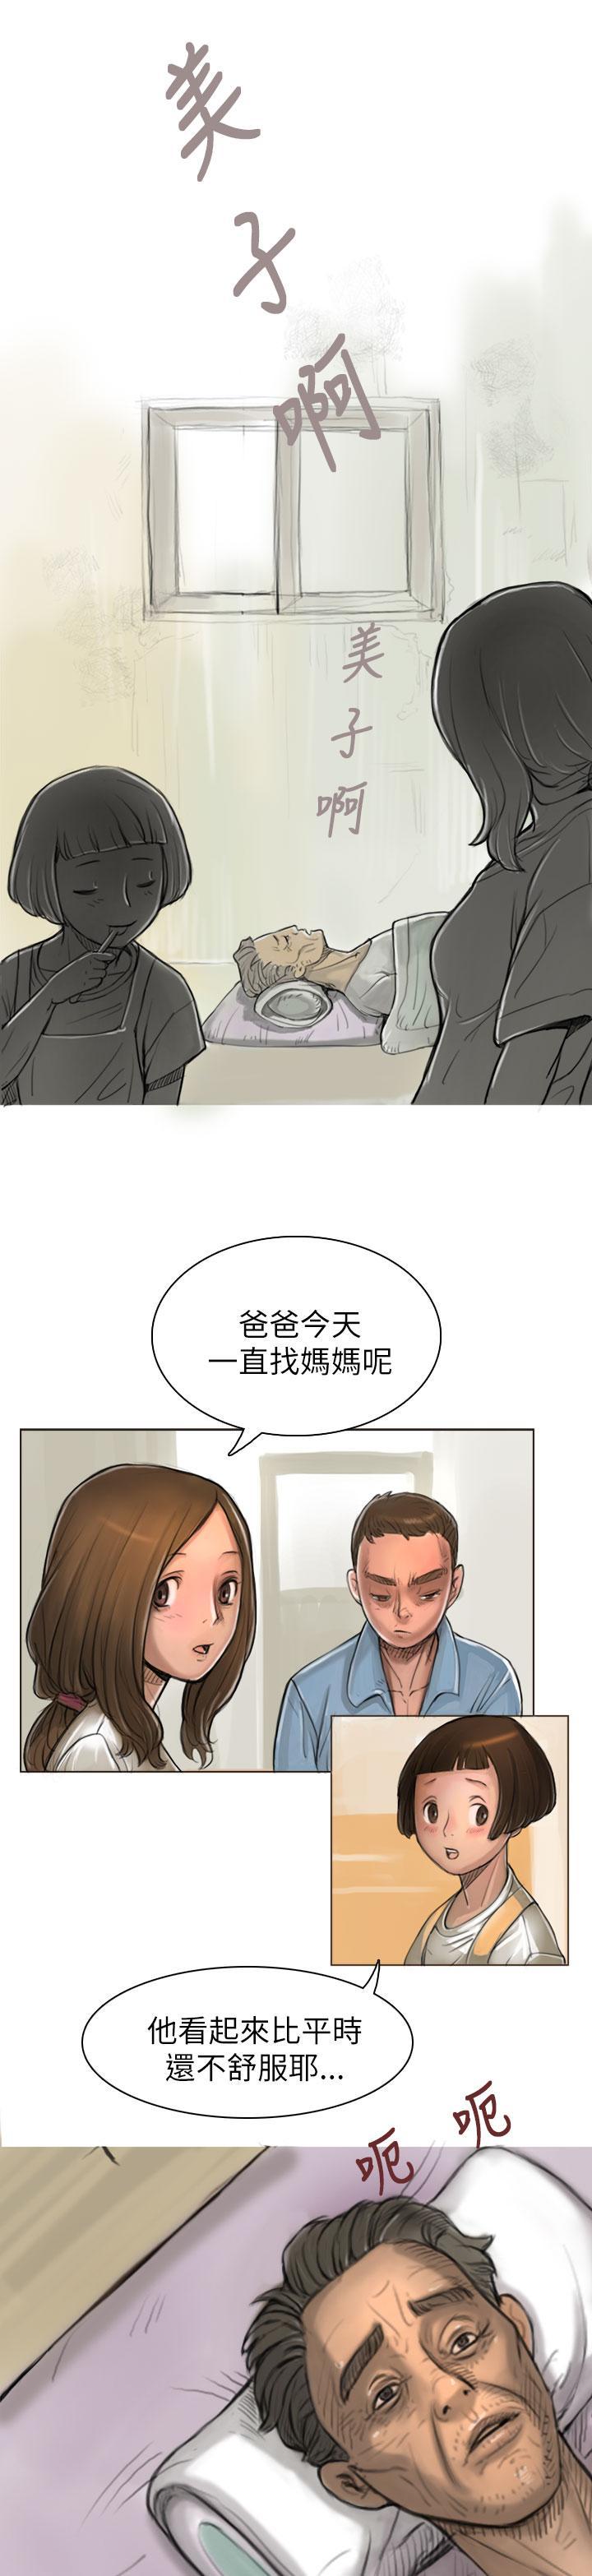 姊姊: 莲 第1~10話 [Chinese]中文 39